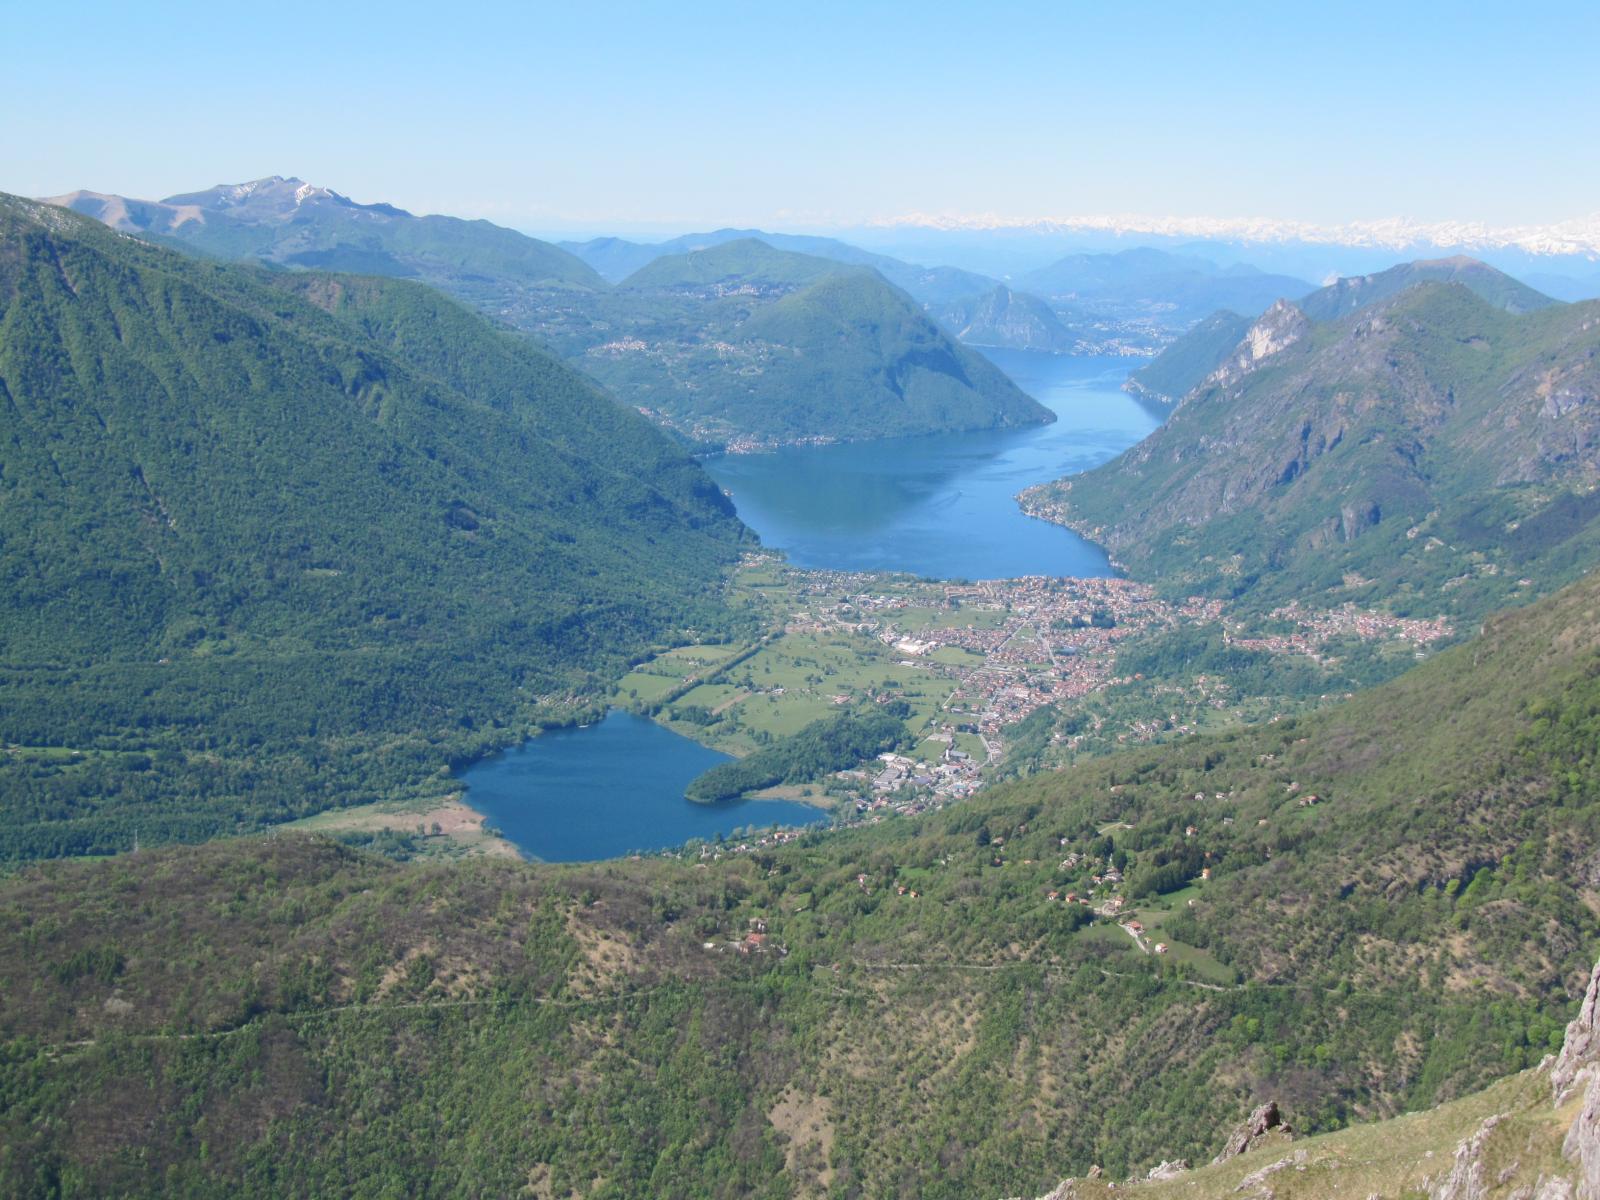 lago di lugano e lago piano